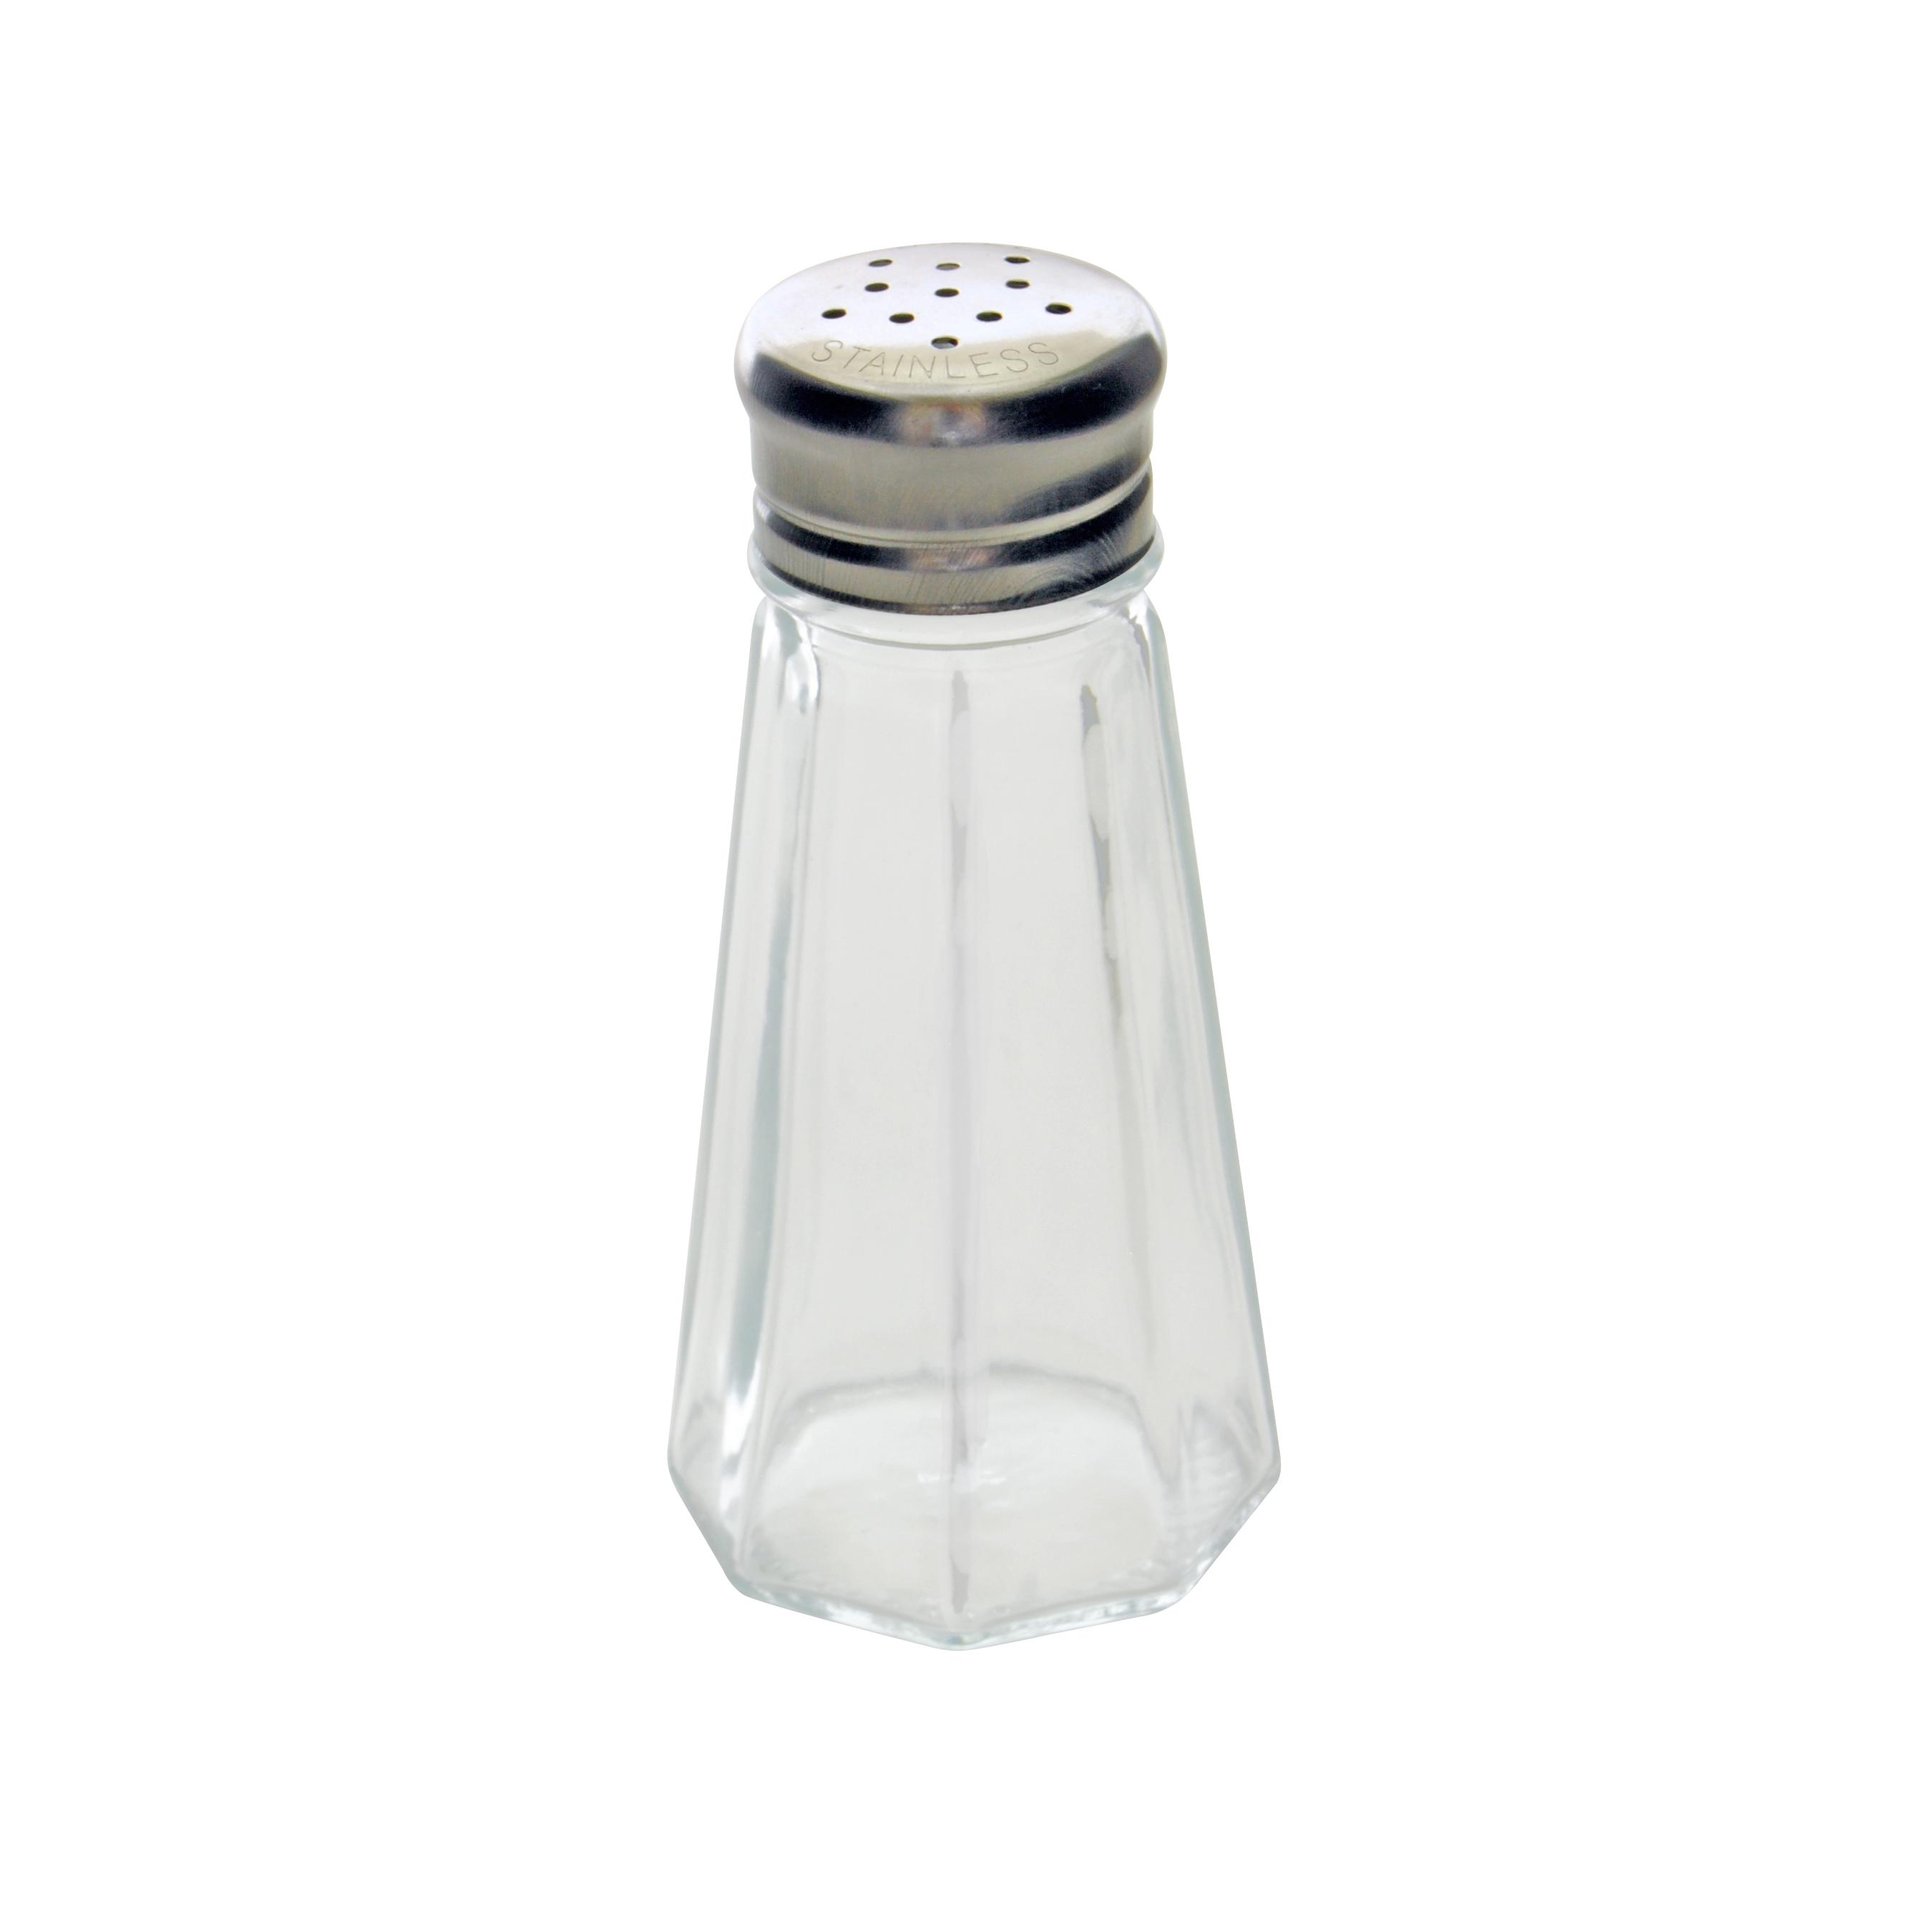 Thunder Group GLTWSS003 salt / pepper shaker